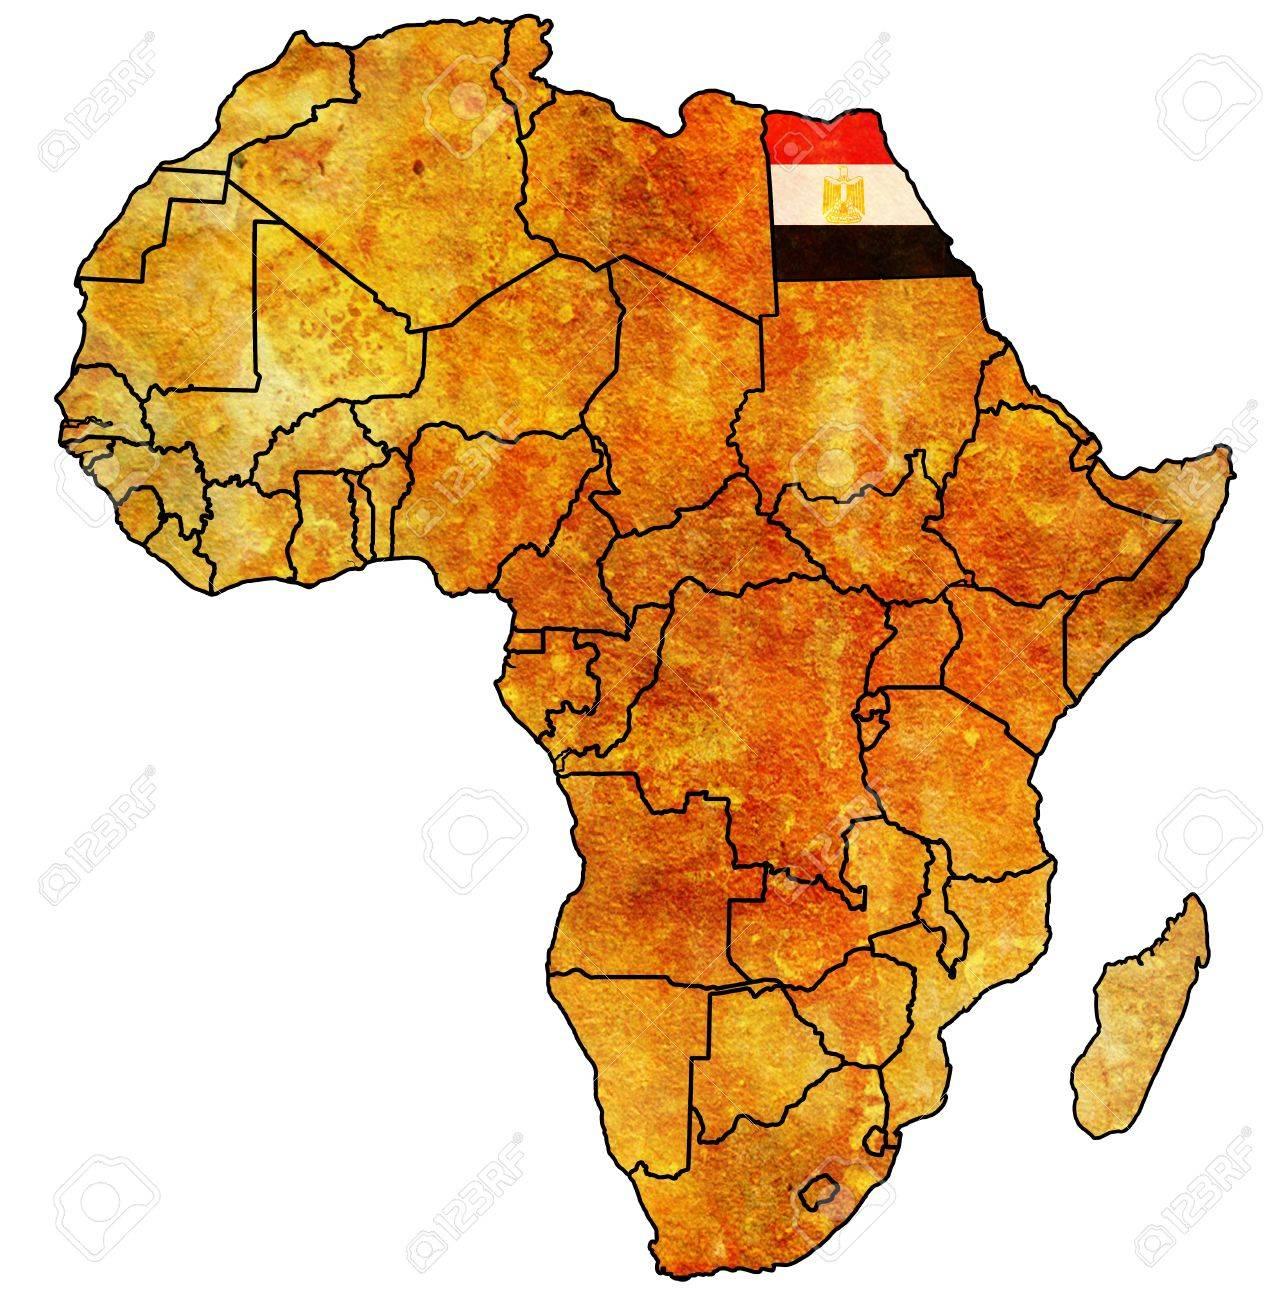 Carte Afrique Egypte.Egypte Carte Politique Reelle Millesime De L Afrique Avec Des Drapeaux